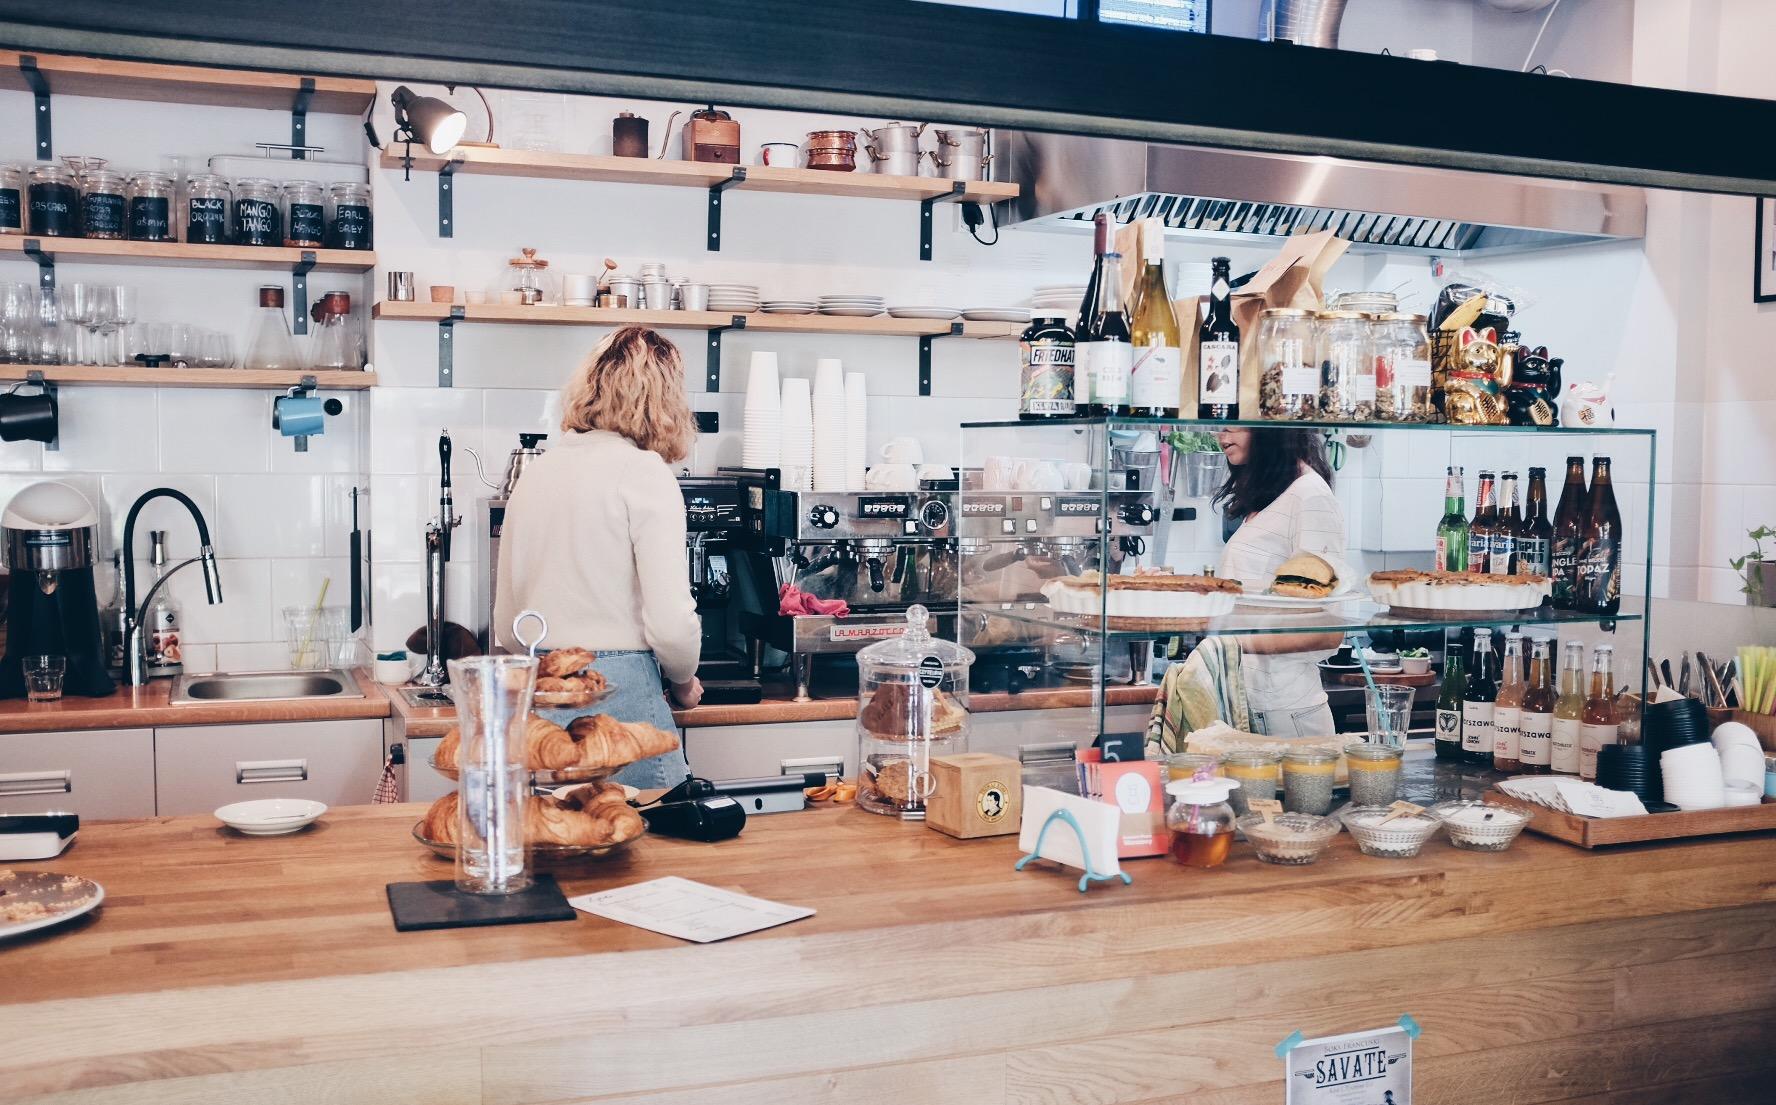 Stare-Bielany-espresso